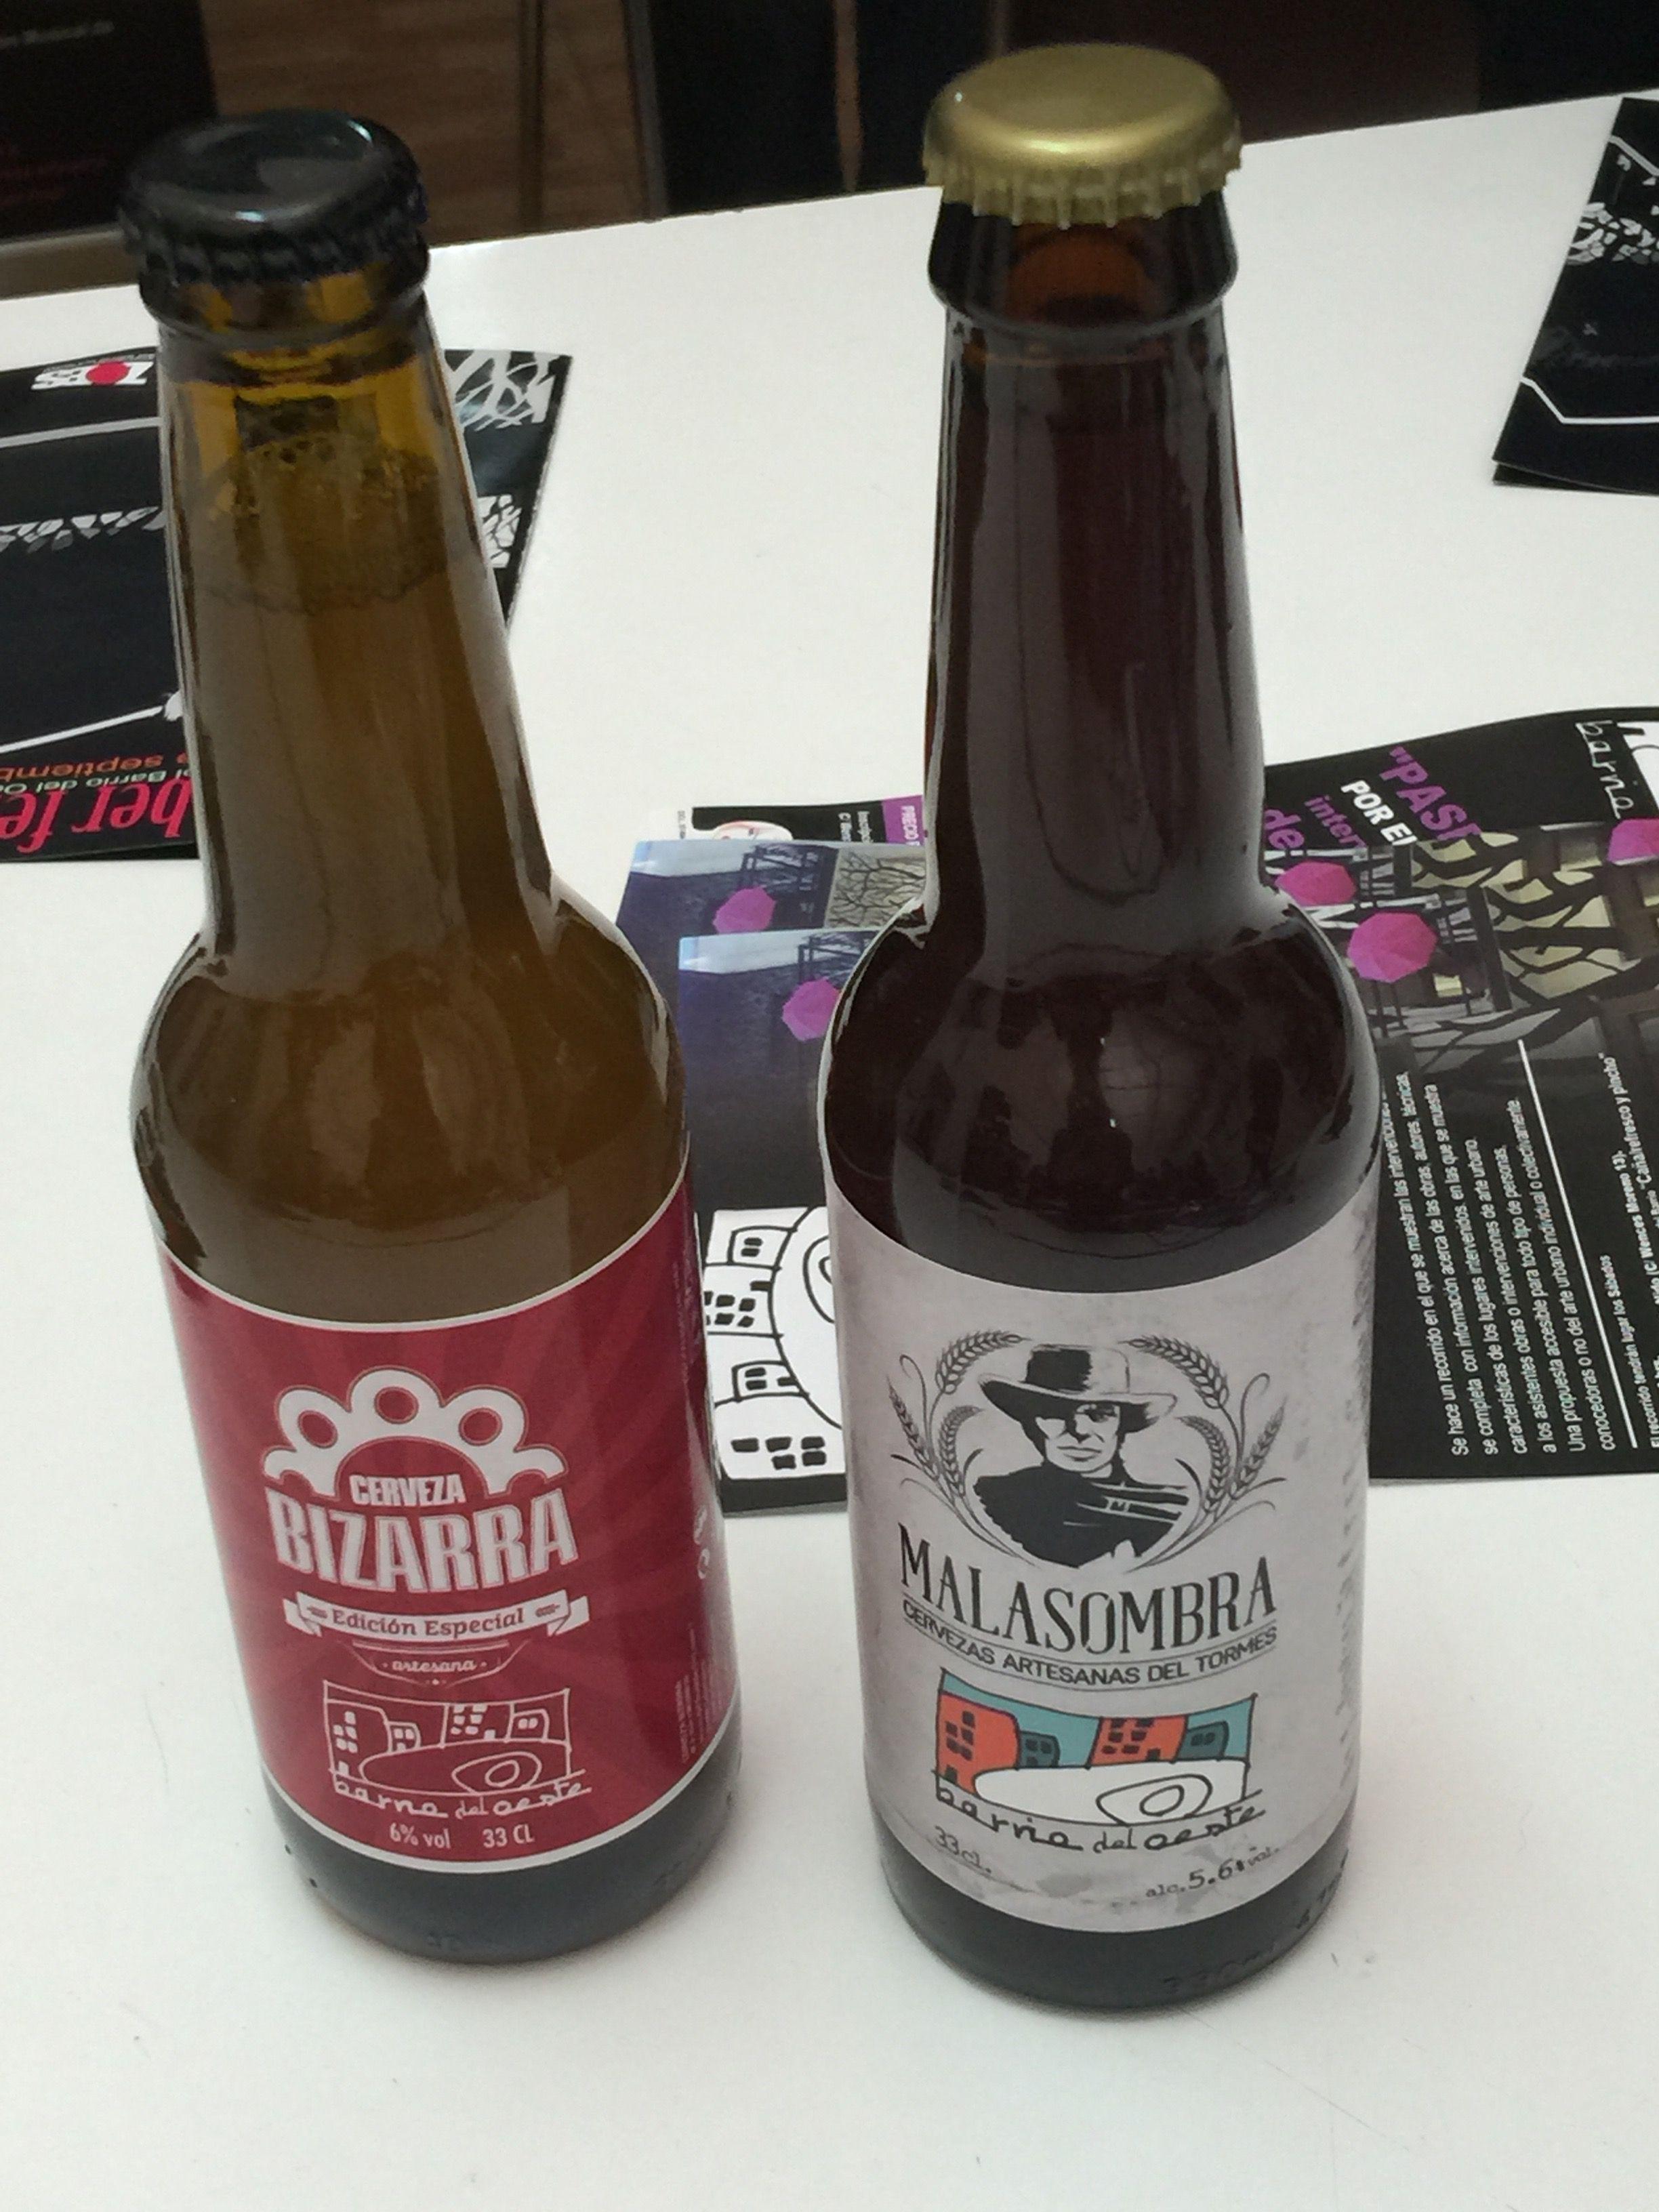 Cervezas artesanas en el Oeste